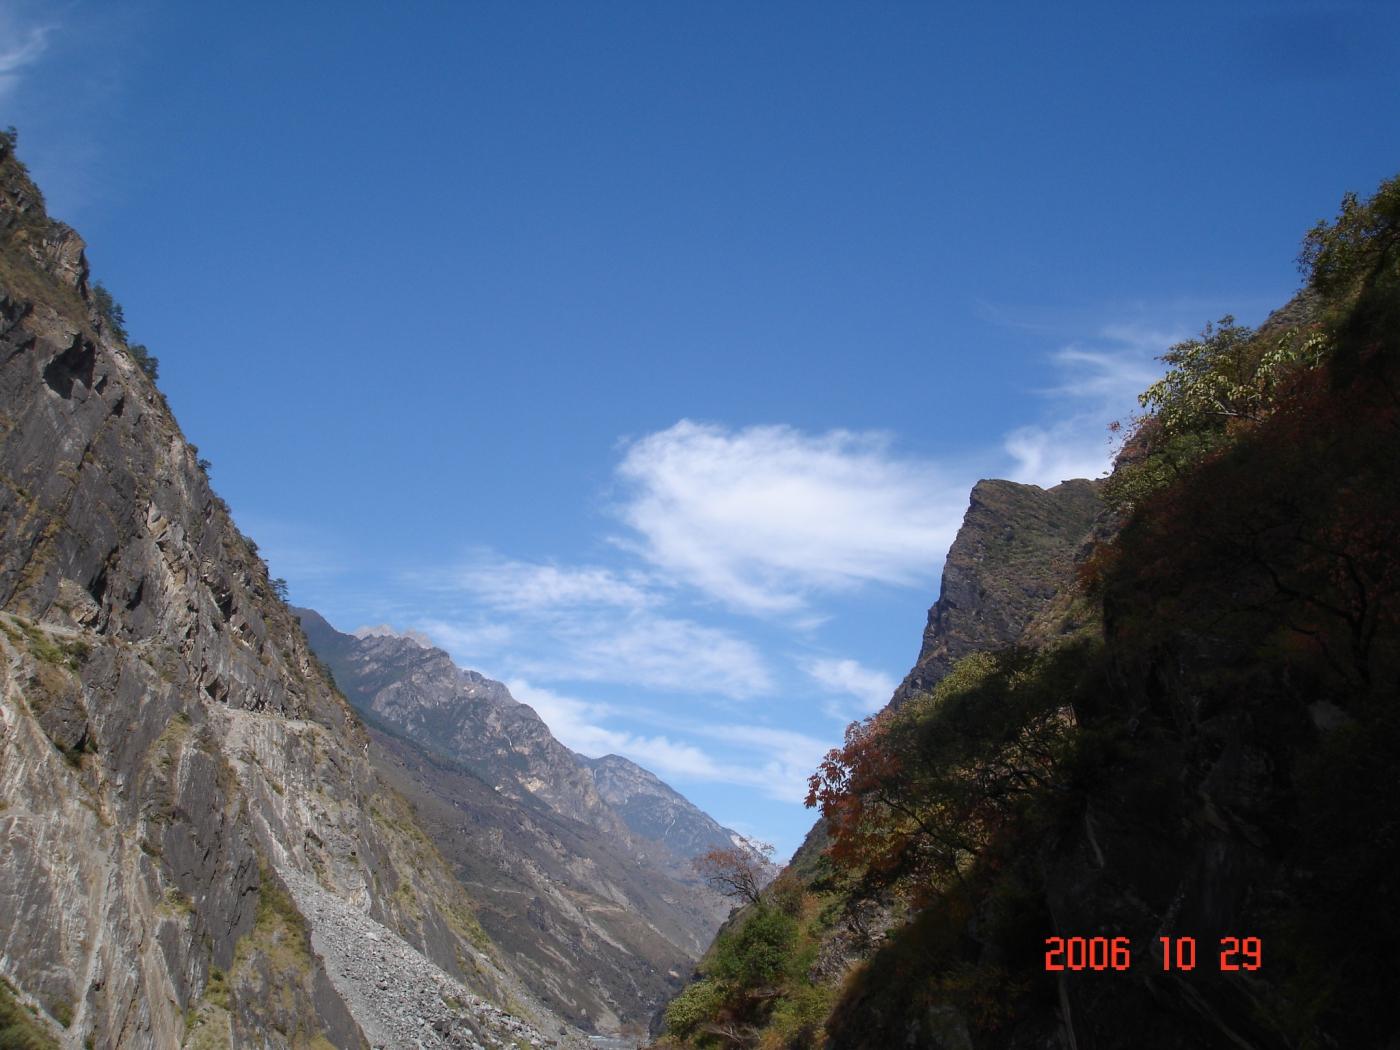 【汉良子】虎跳峡--中国最深的峡谷之一(图)_图1-4